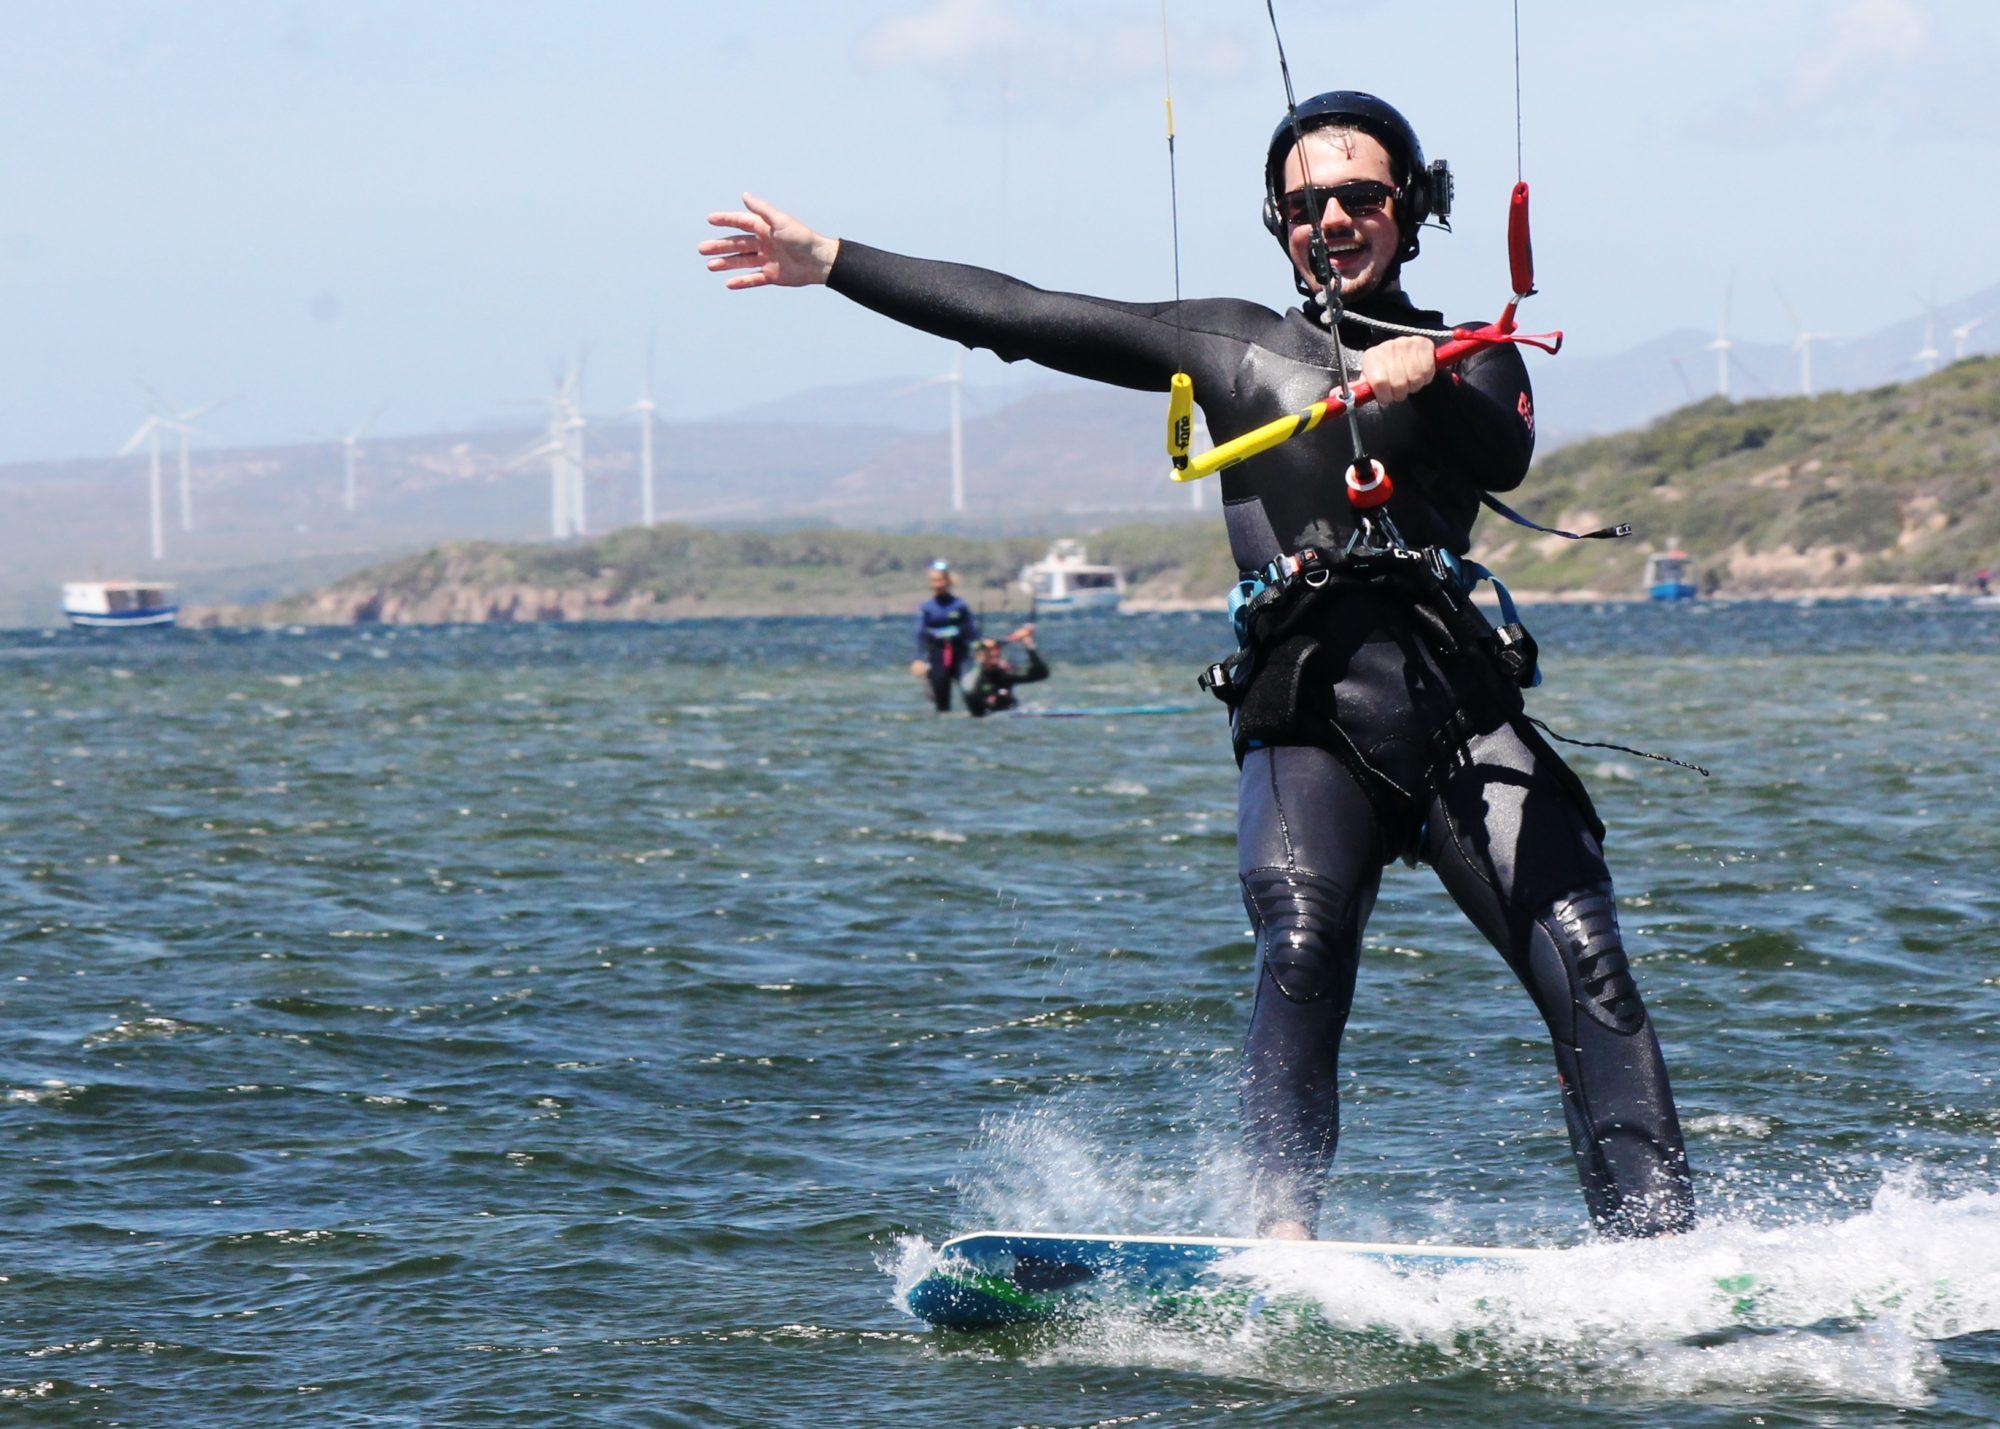 Lezioni di Kite a Punta Trettu in Sardegna: Corso Kitesurf Zero to Hero Punta Trettu Sardegna